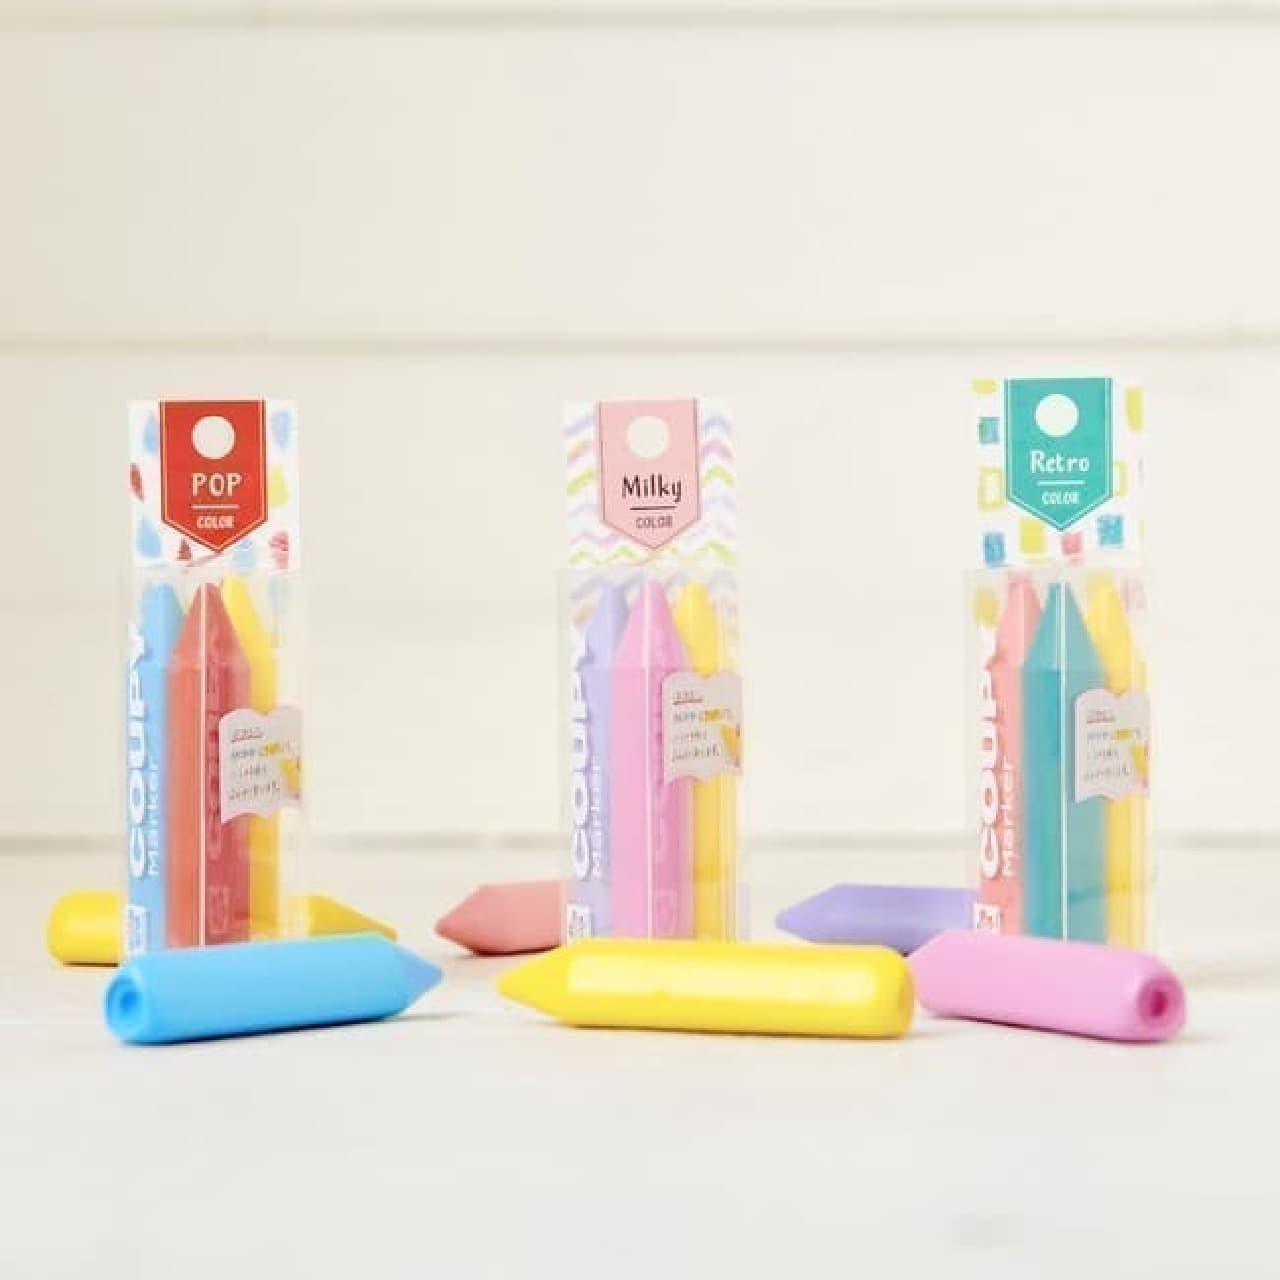 サクラクレパス「クーピー マーカー」から新色「キャンディ」&「和モダン」 -- 専用ケースも同時発売